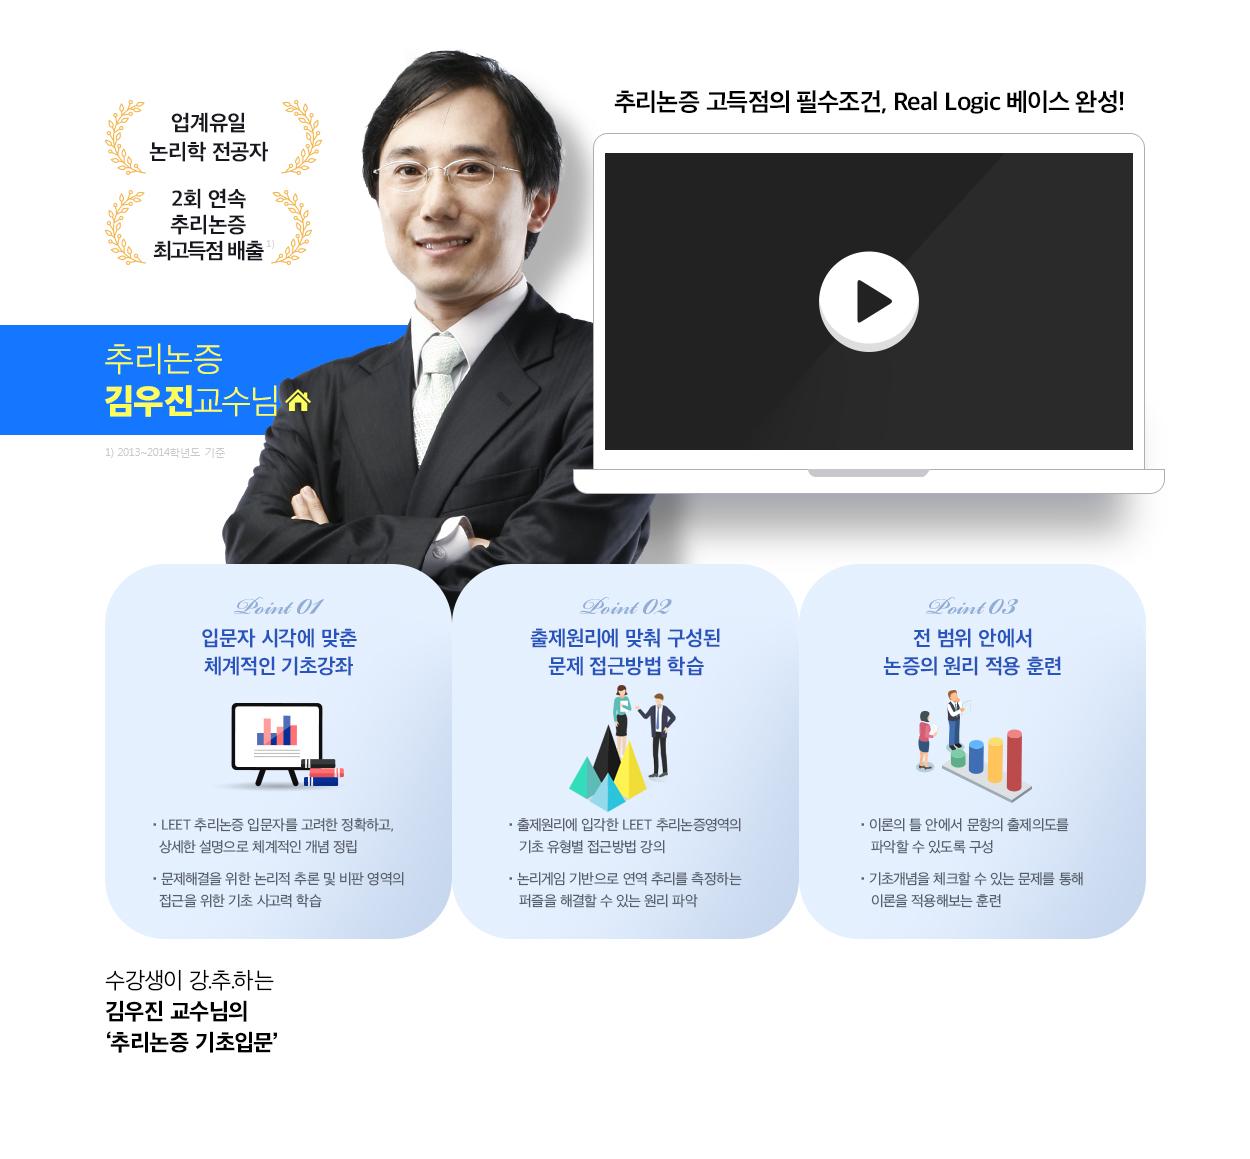 김우진 교수님